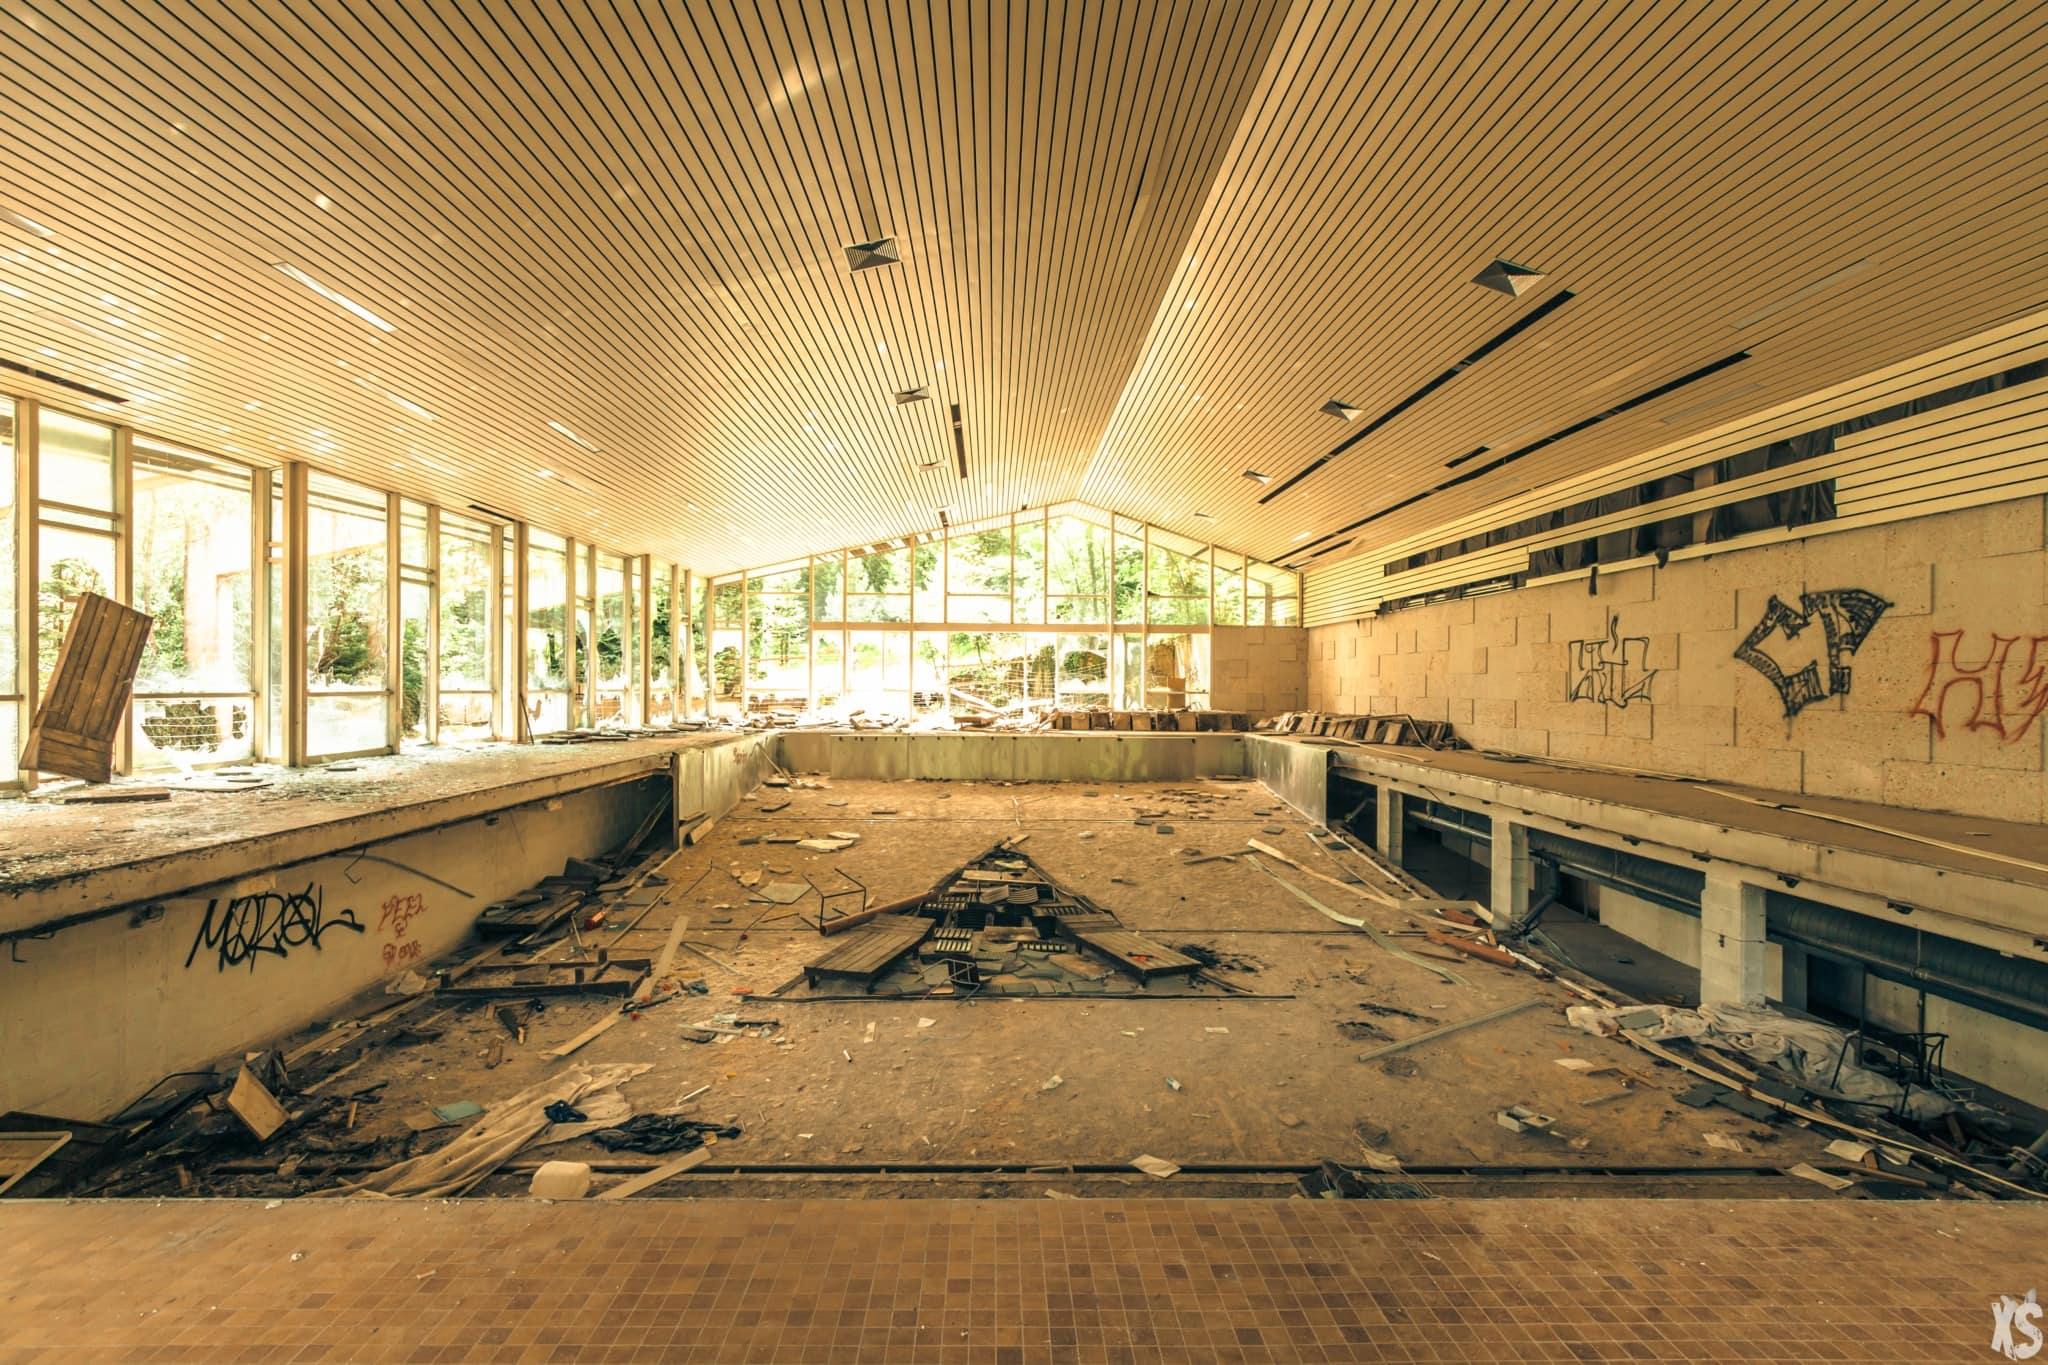 sanatorium-wienerwald-17